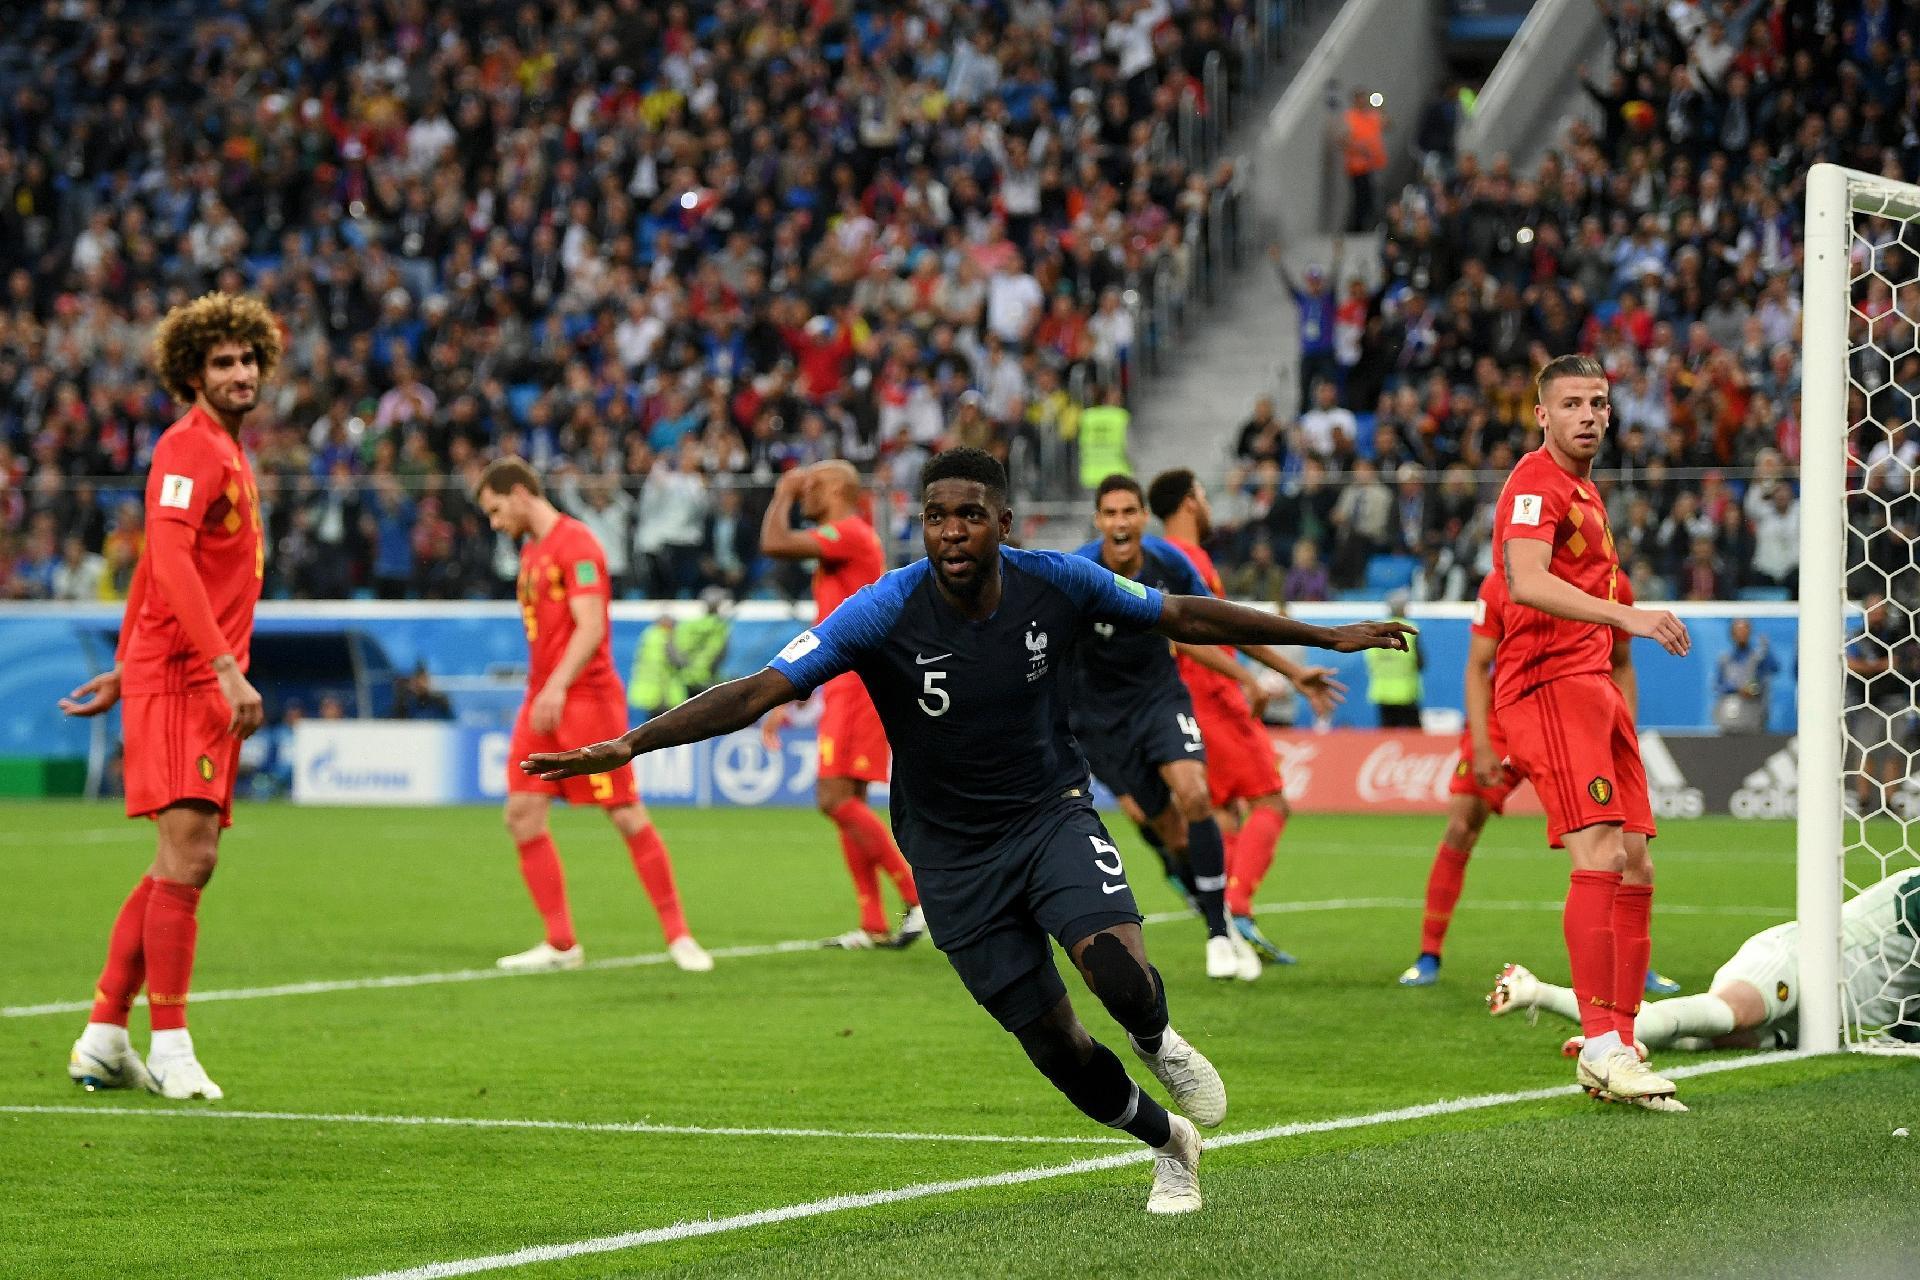 França na Copa 2018  Jornais da França destacam que o sonho do bicampeonato  está vivo e próximo - UOL Copa do Mundo 2018 5aecf9ac8bfe6